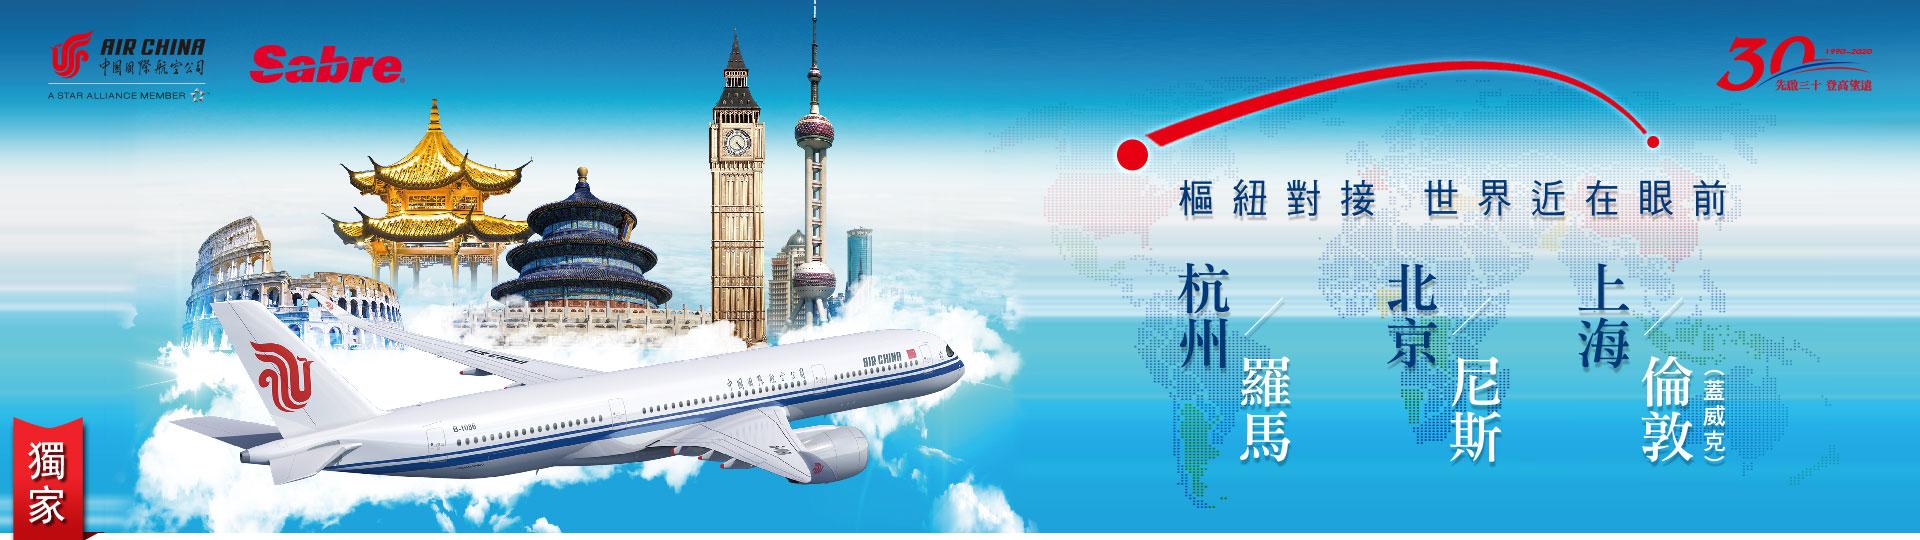 中國國際航空&Sabre 訂位開票送禮券促銷活動